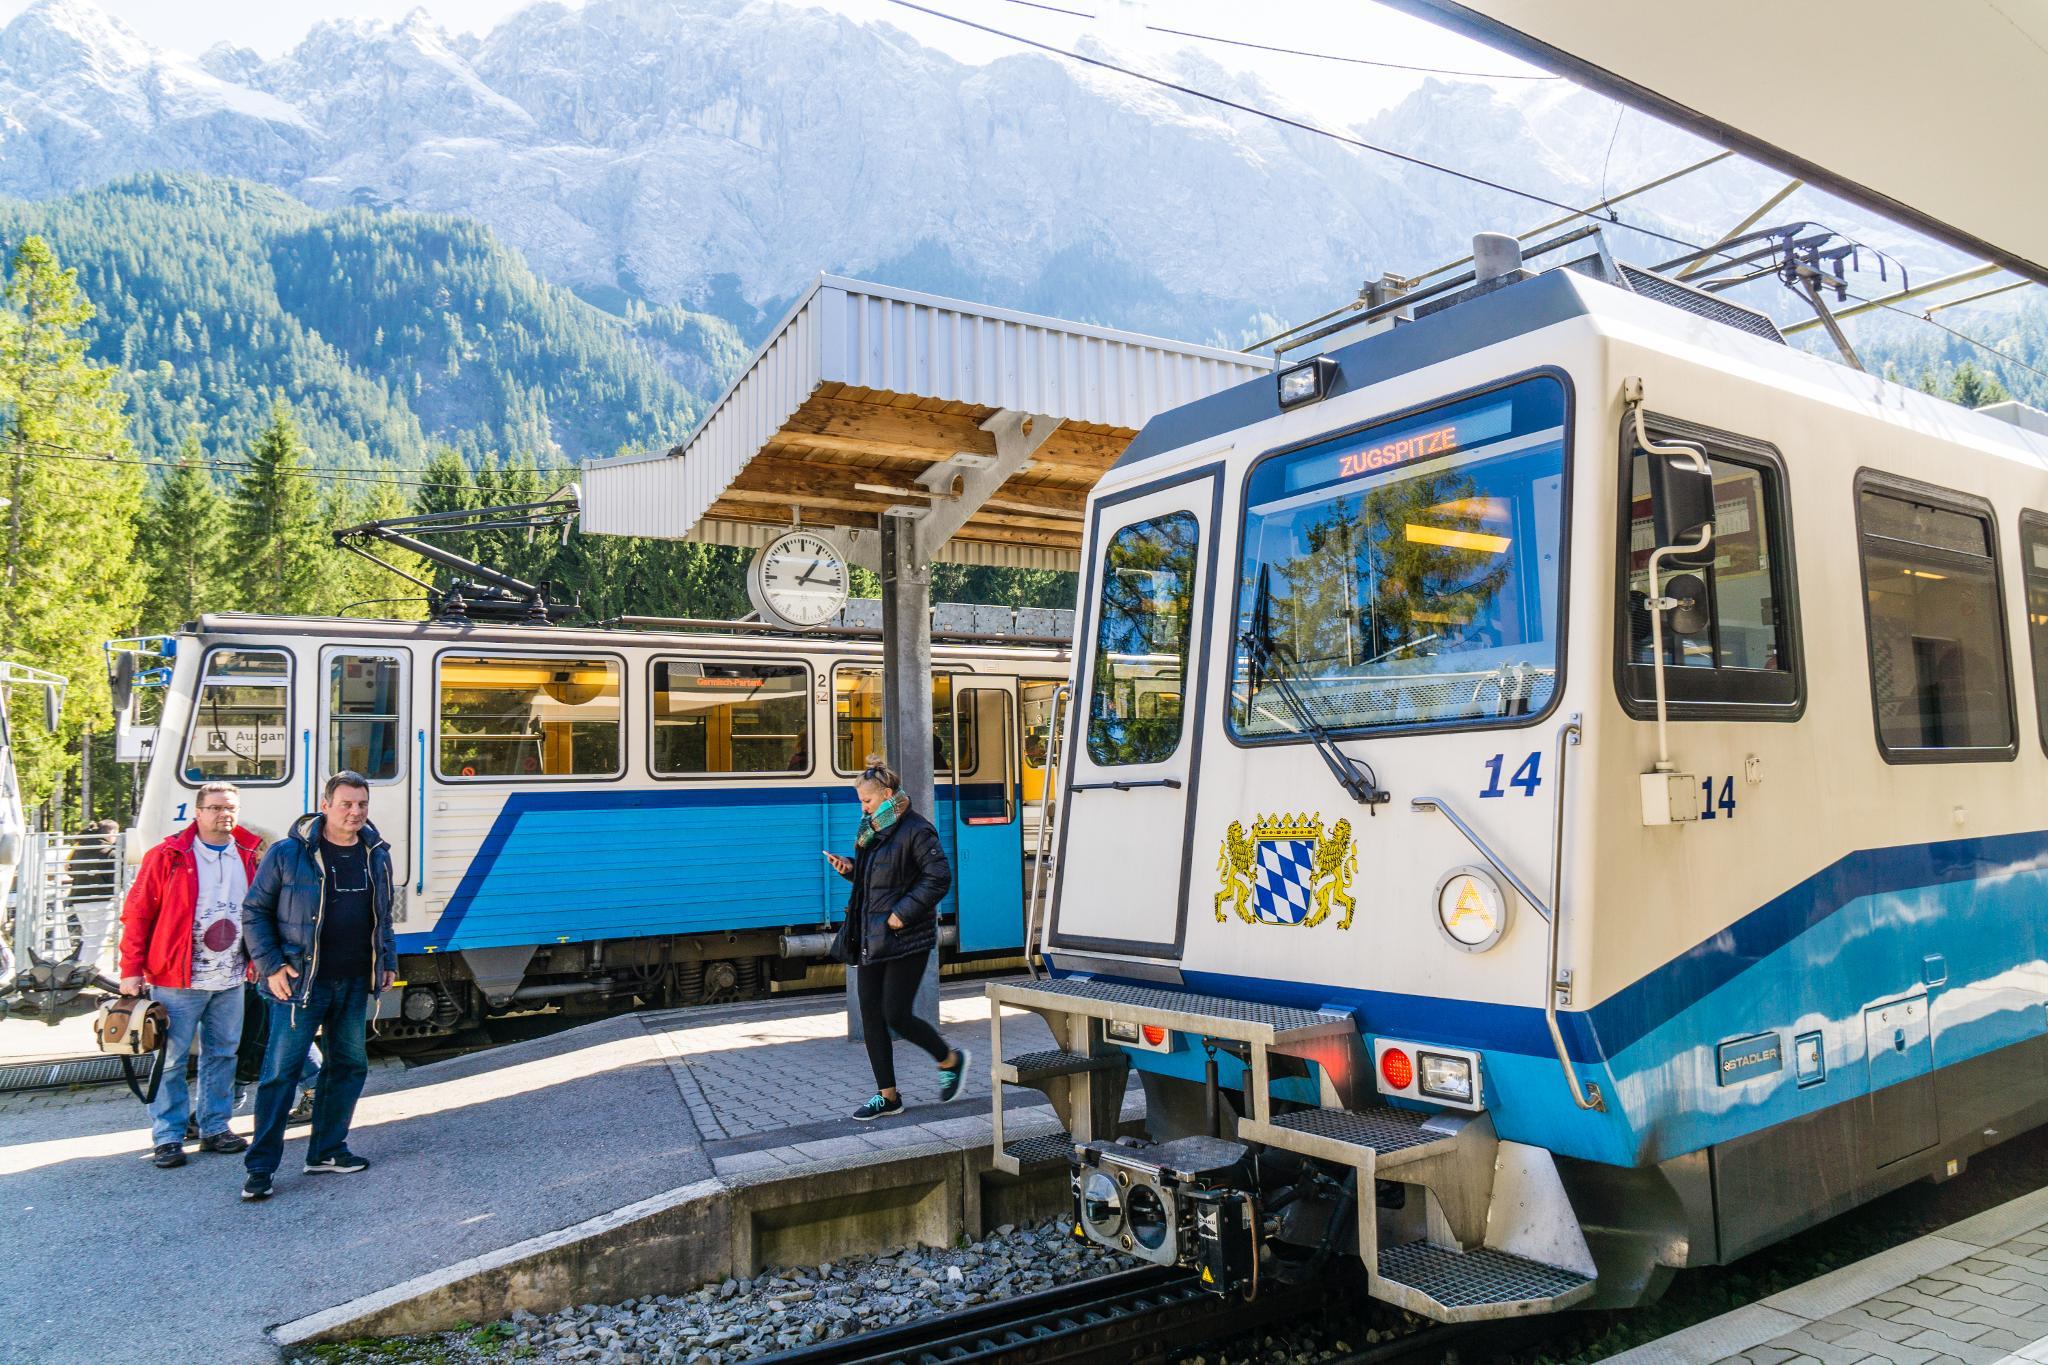 【德國】阿爾卑斯大道:楚格峰 (Zugspitze) 登上德國之巔 13